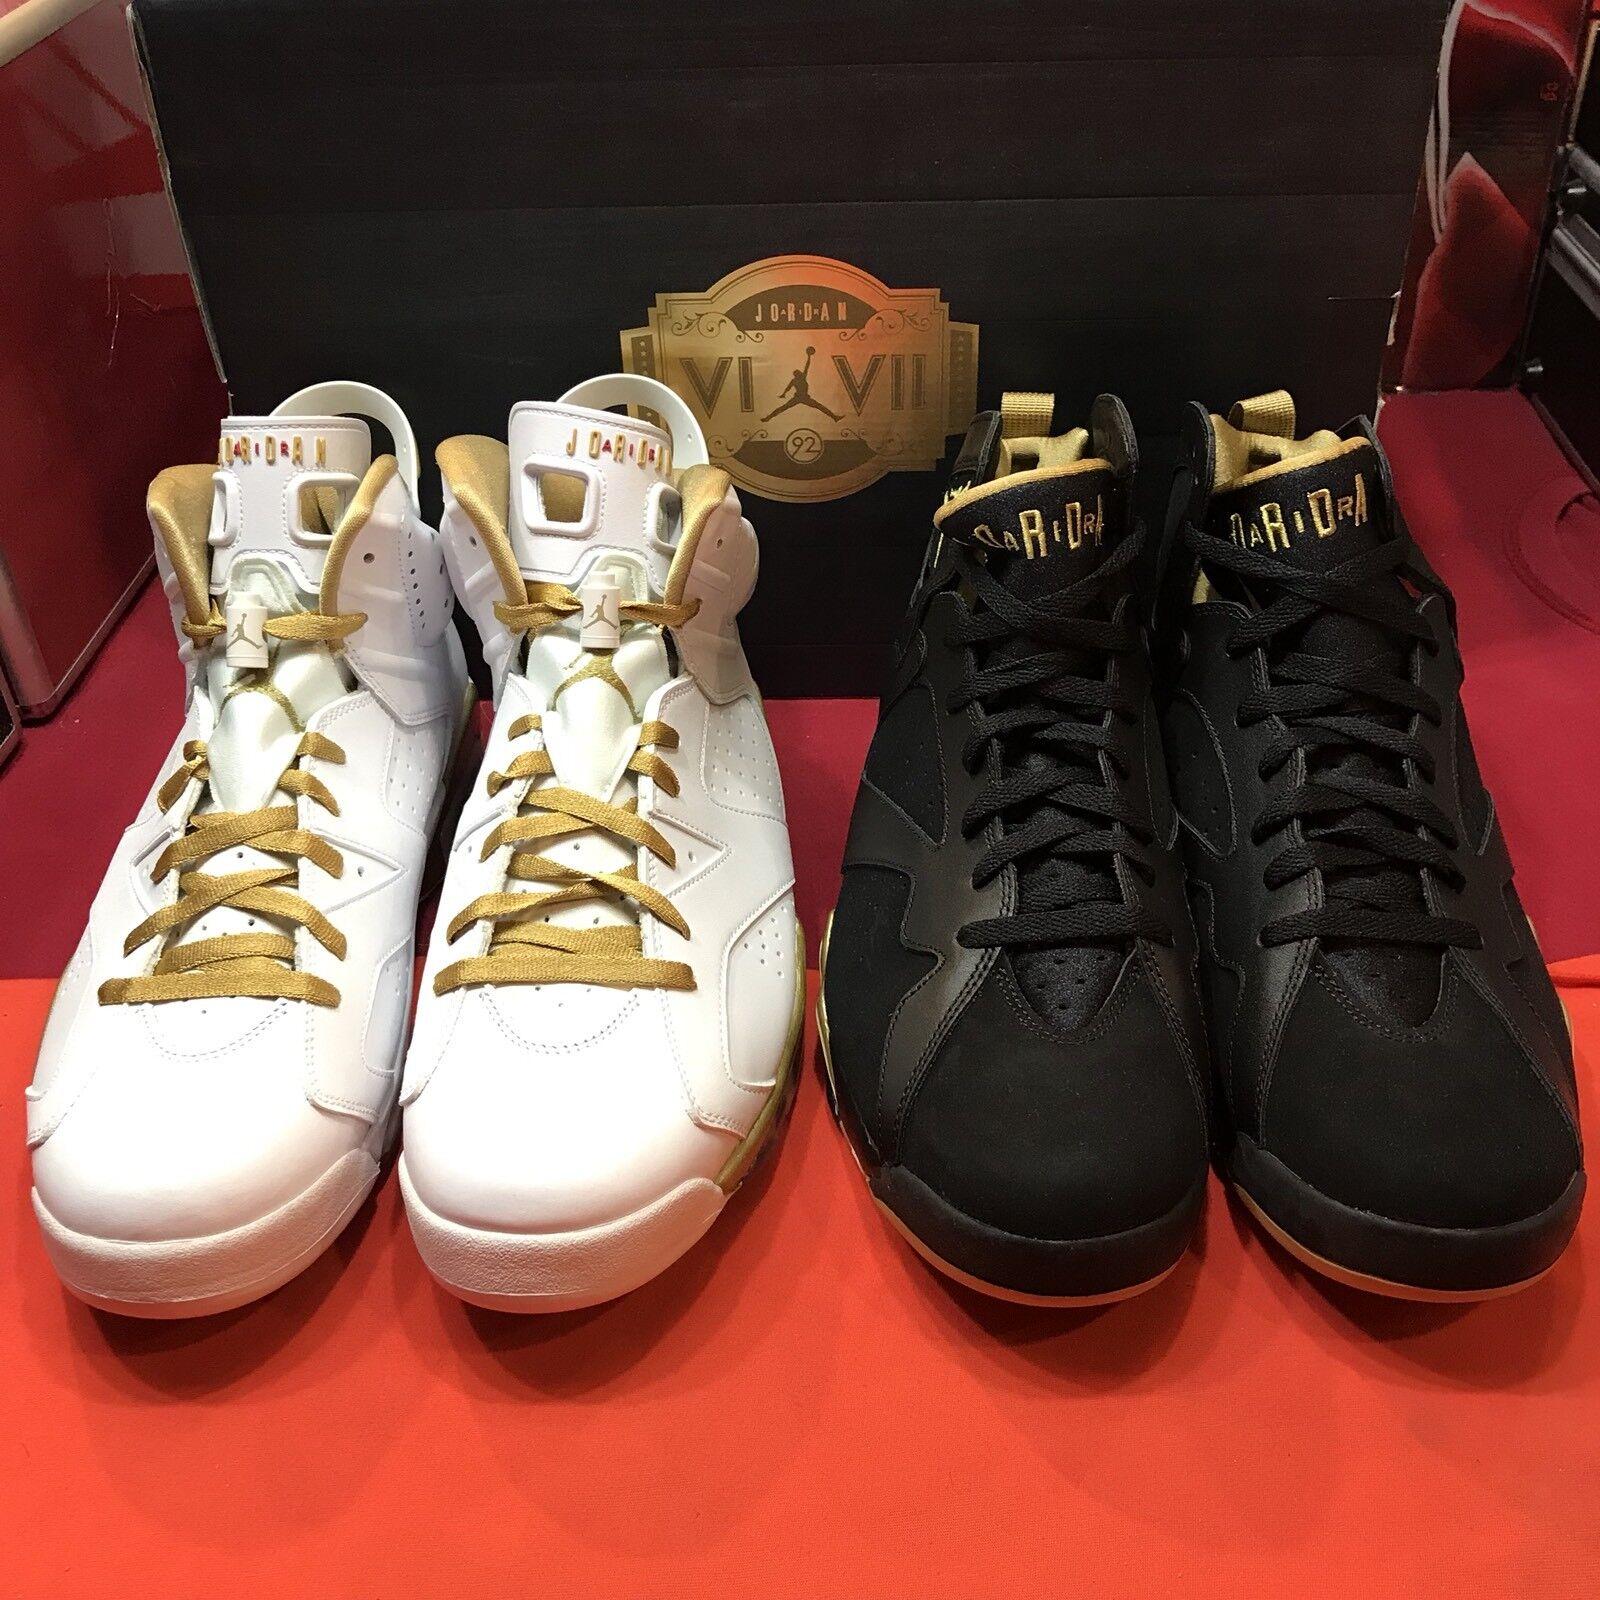 Nike air jordan retrò vii vi dimensioni 13 dmp pack gmp pdc l'oro olimpico xi 6 2 paia